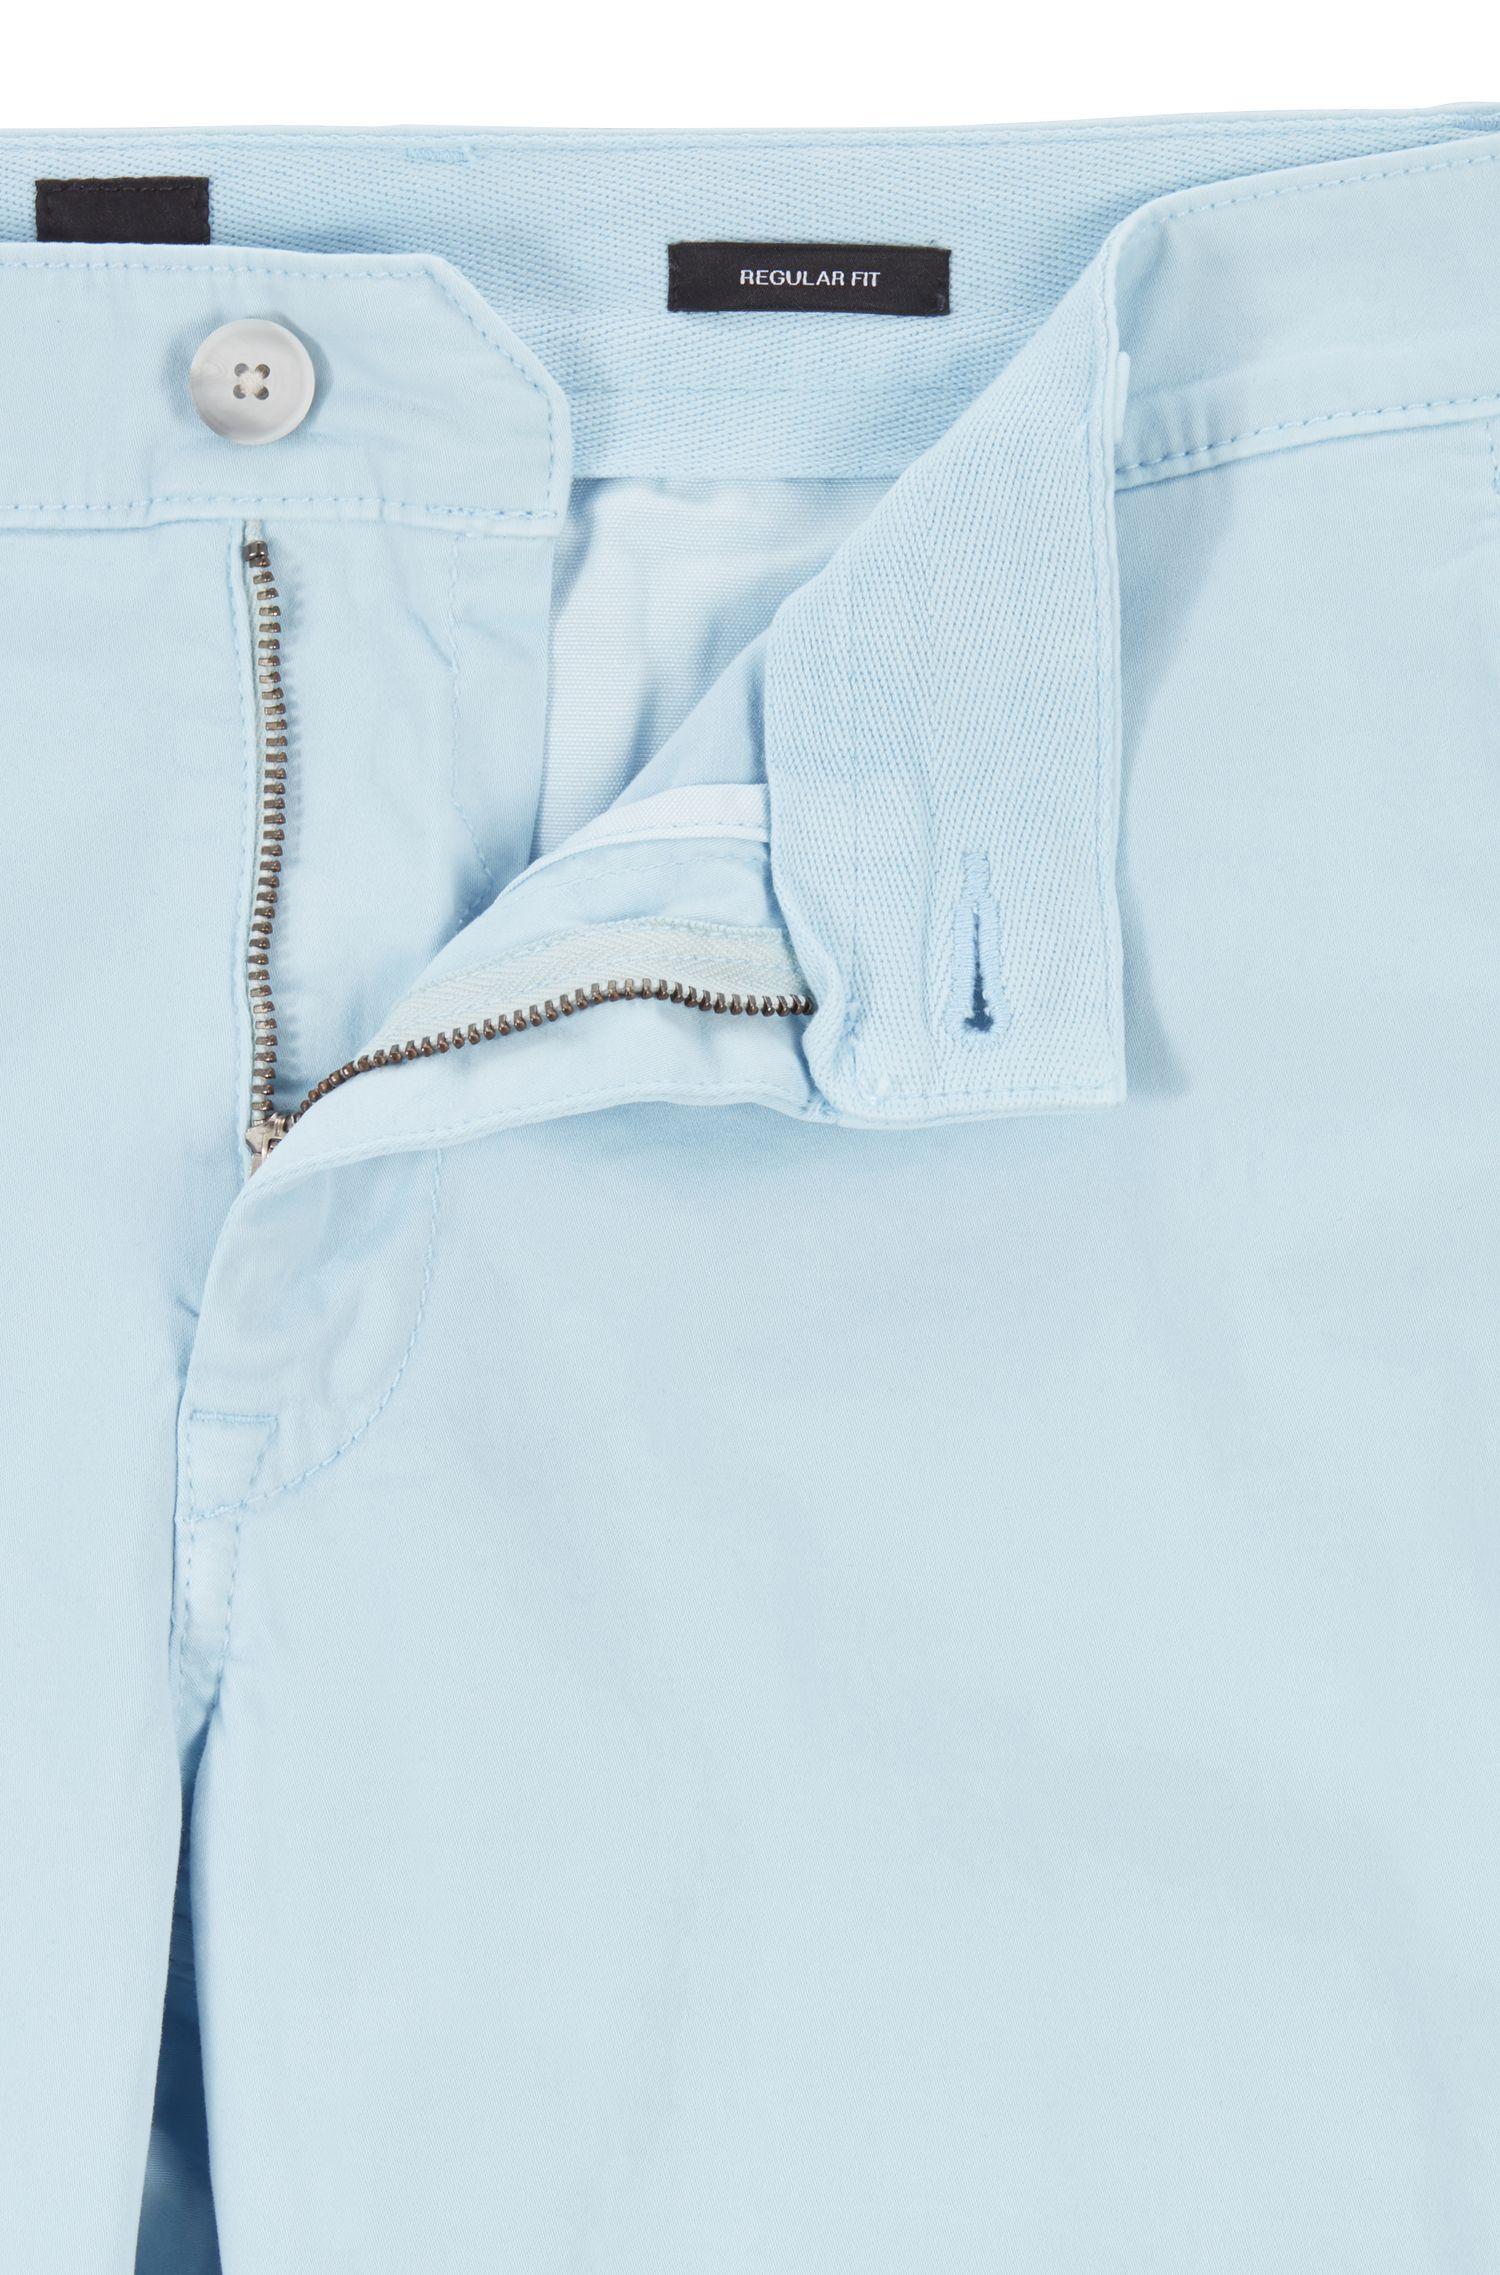 Chinos casual regular fit en algodón elástico cepillado, Celeste